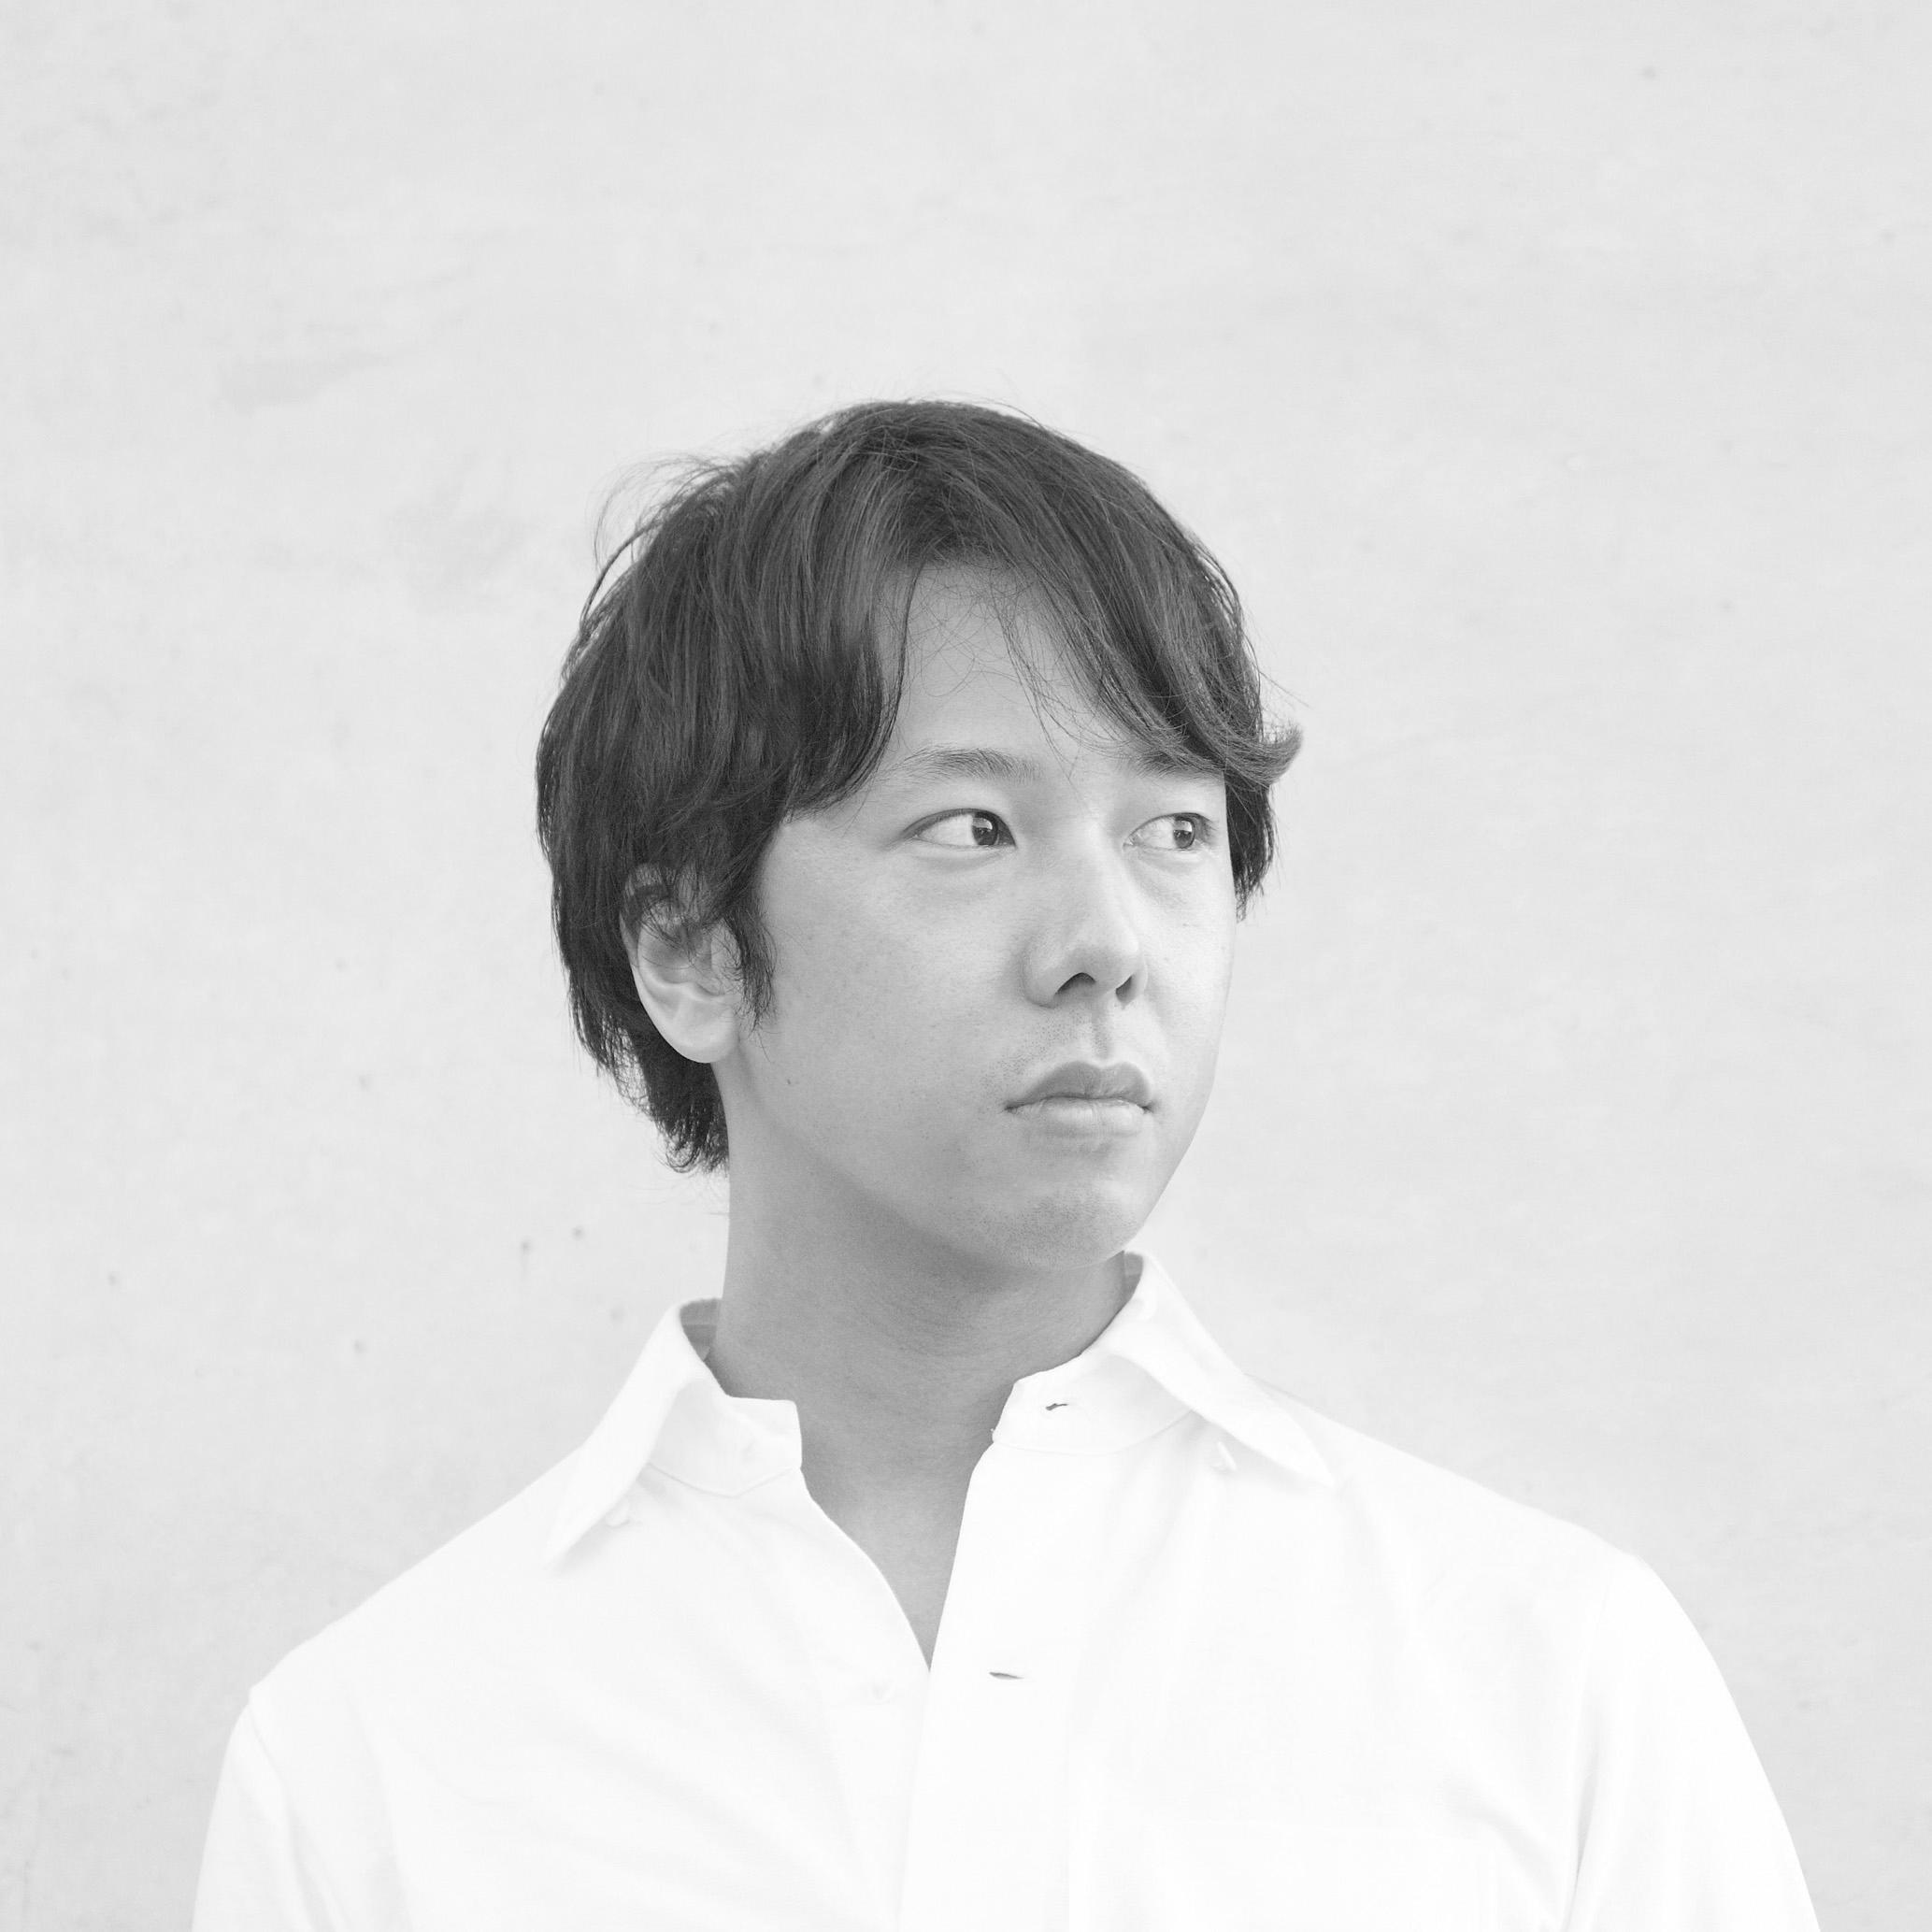 yoshihiroyagi